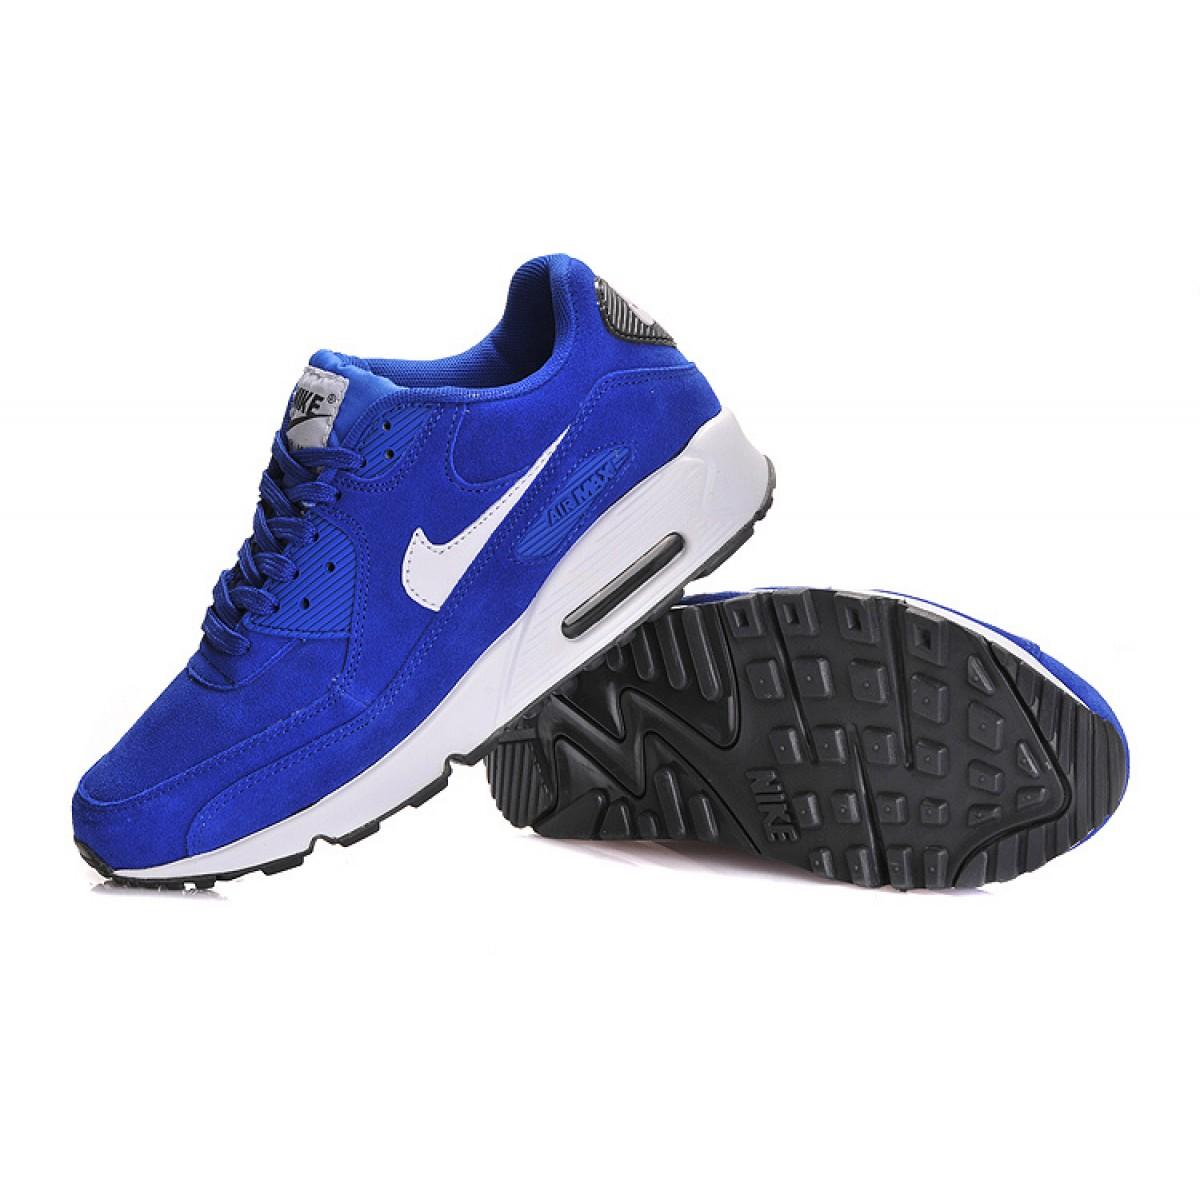 reputable site 81f6f 8707a Achat   Vente produits Nike Air Max 90 Homme Bleu,Nike Air Max 90 Homme